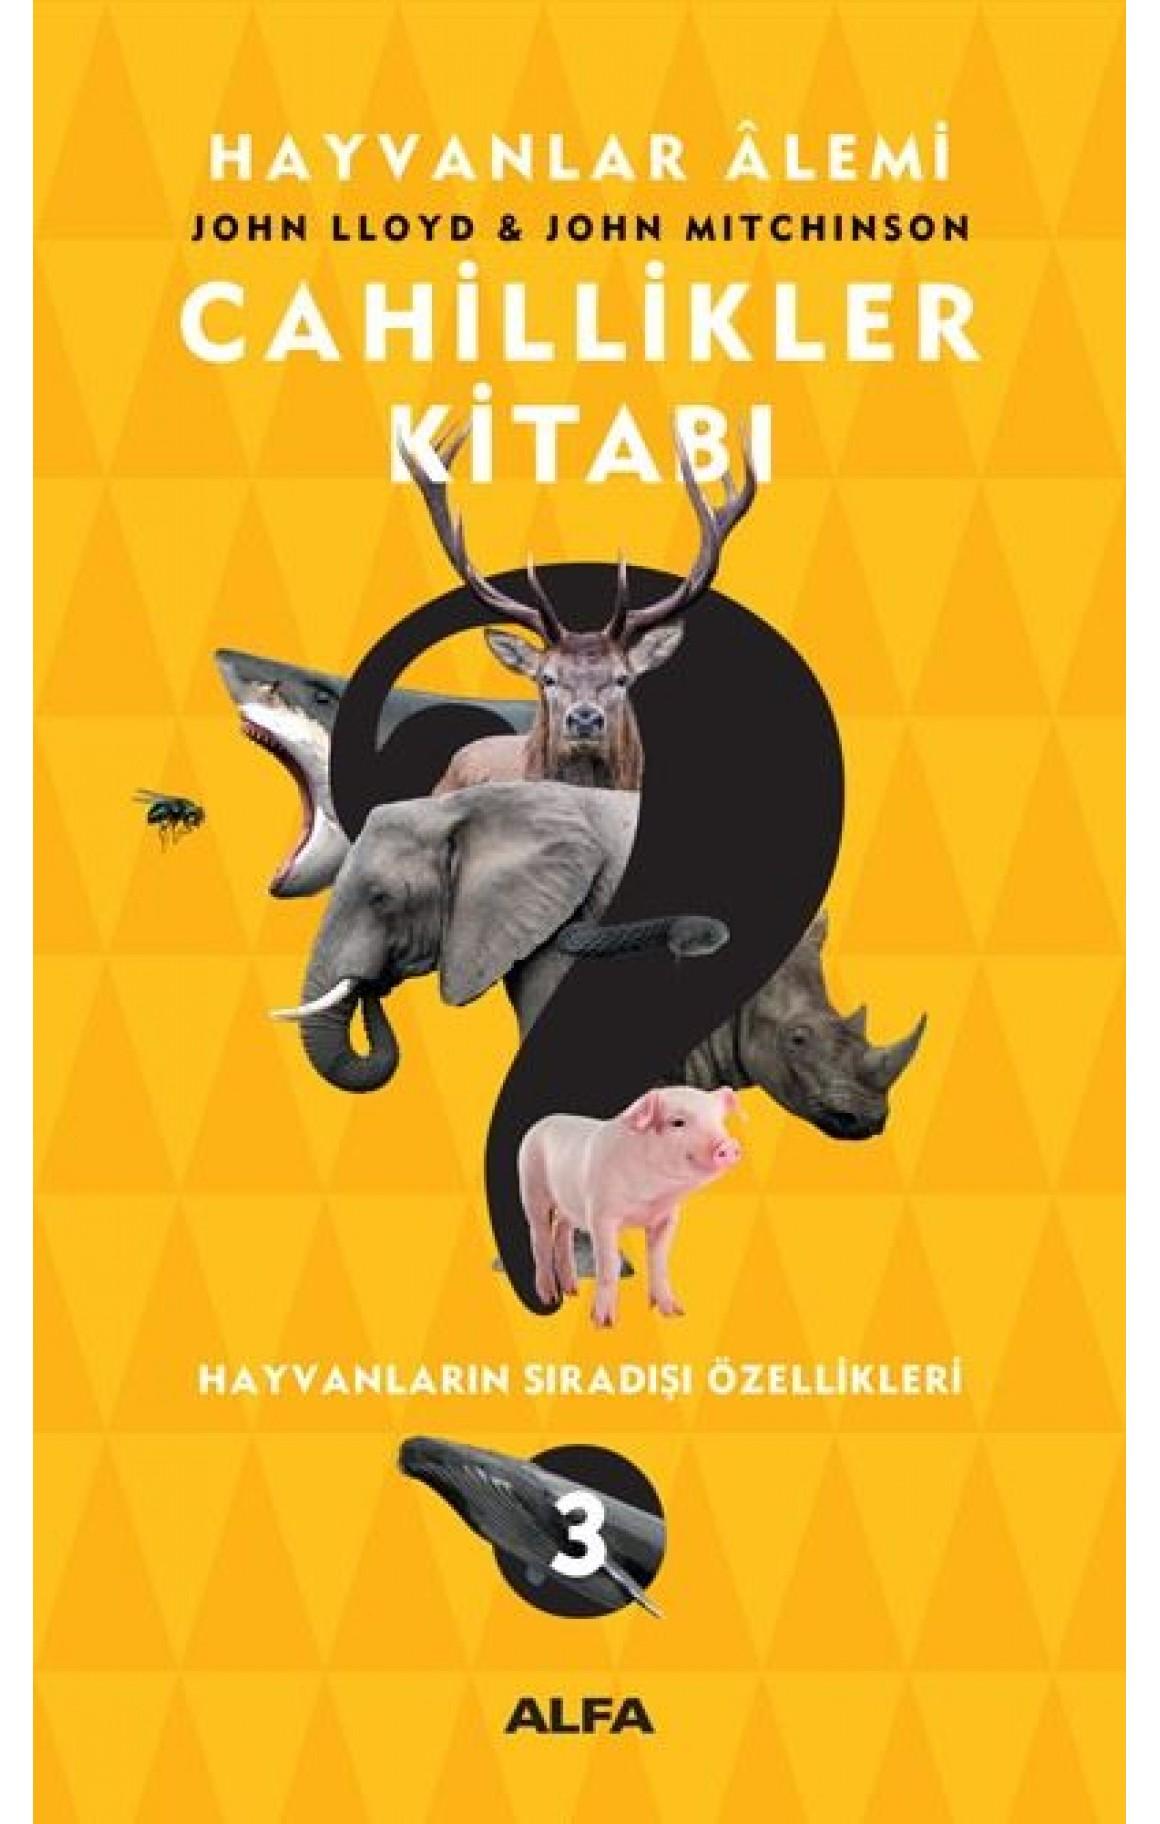 Hayvanlar Alemi-Cahillikler Kitabı-3: Hayvanların Sıradışı Özellikleri